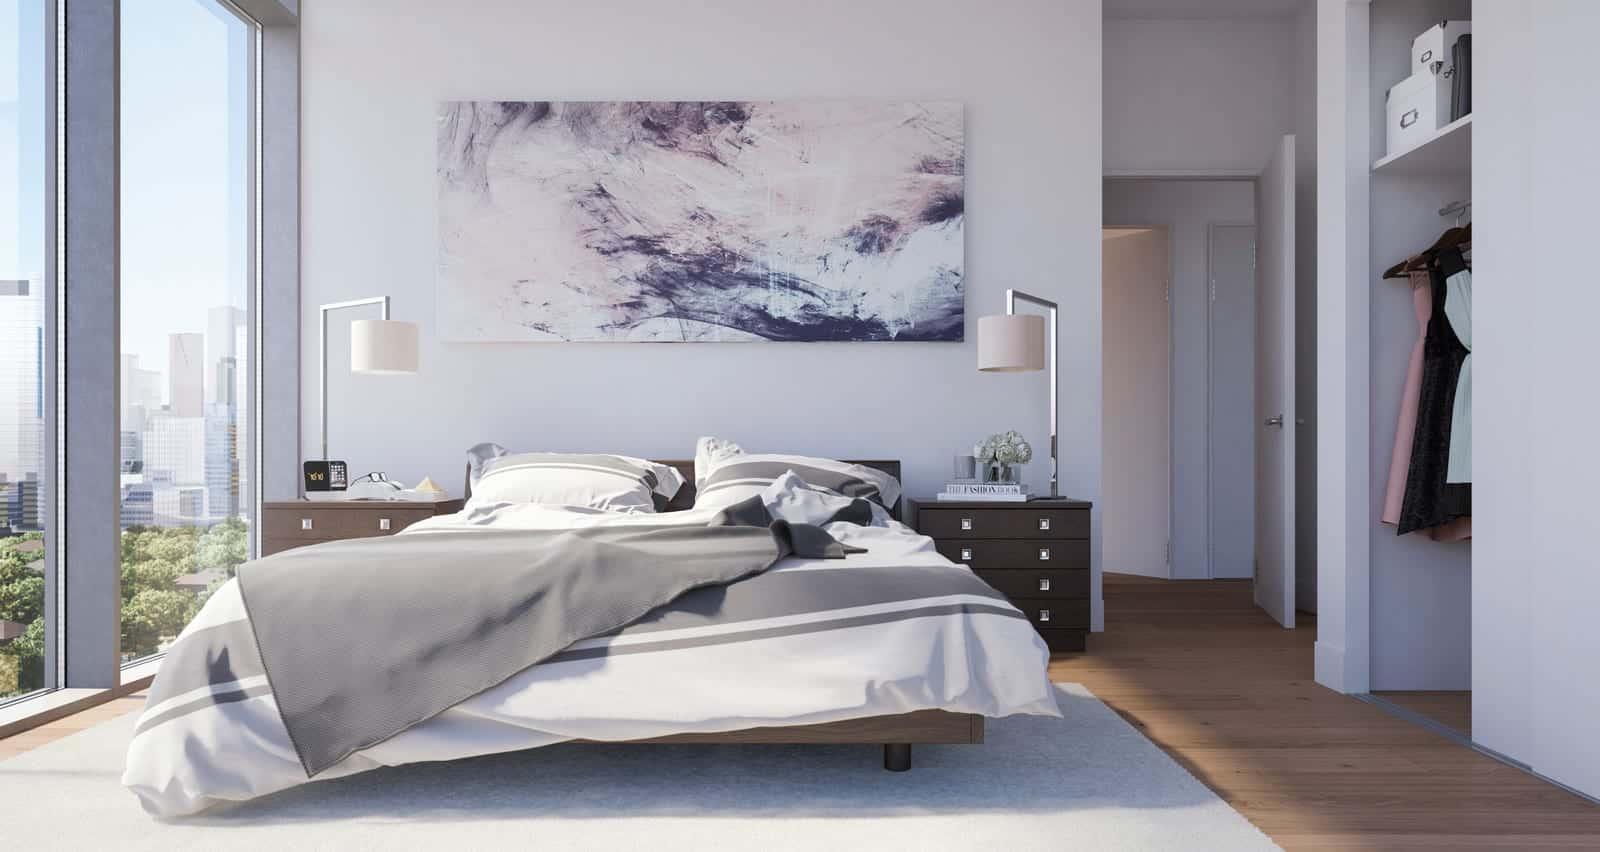 Home Condos at Power and Adelaide Bedroom Interior True Condos